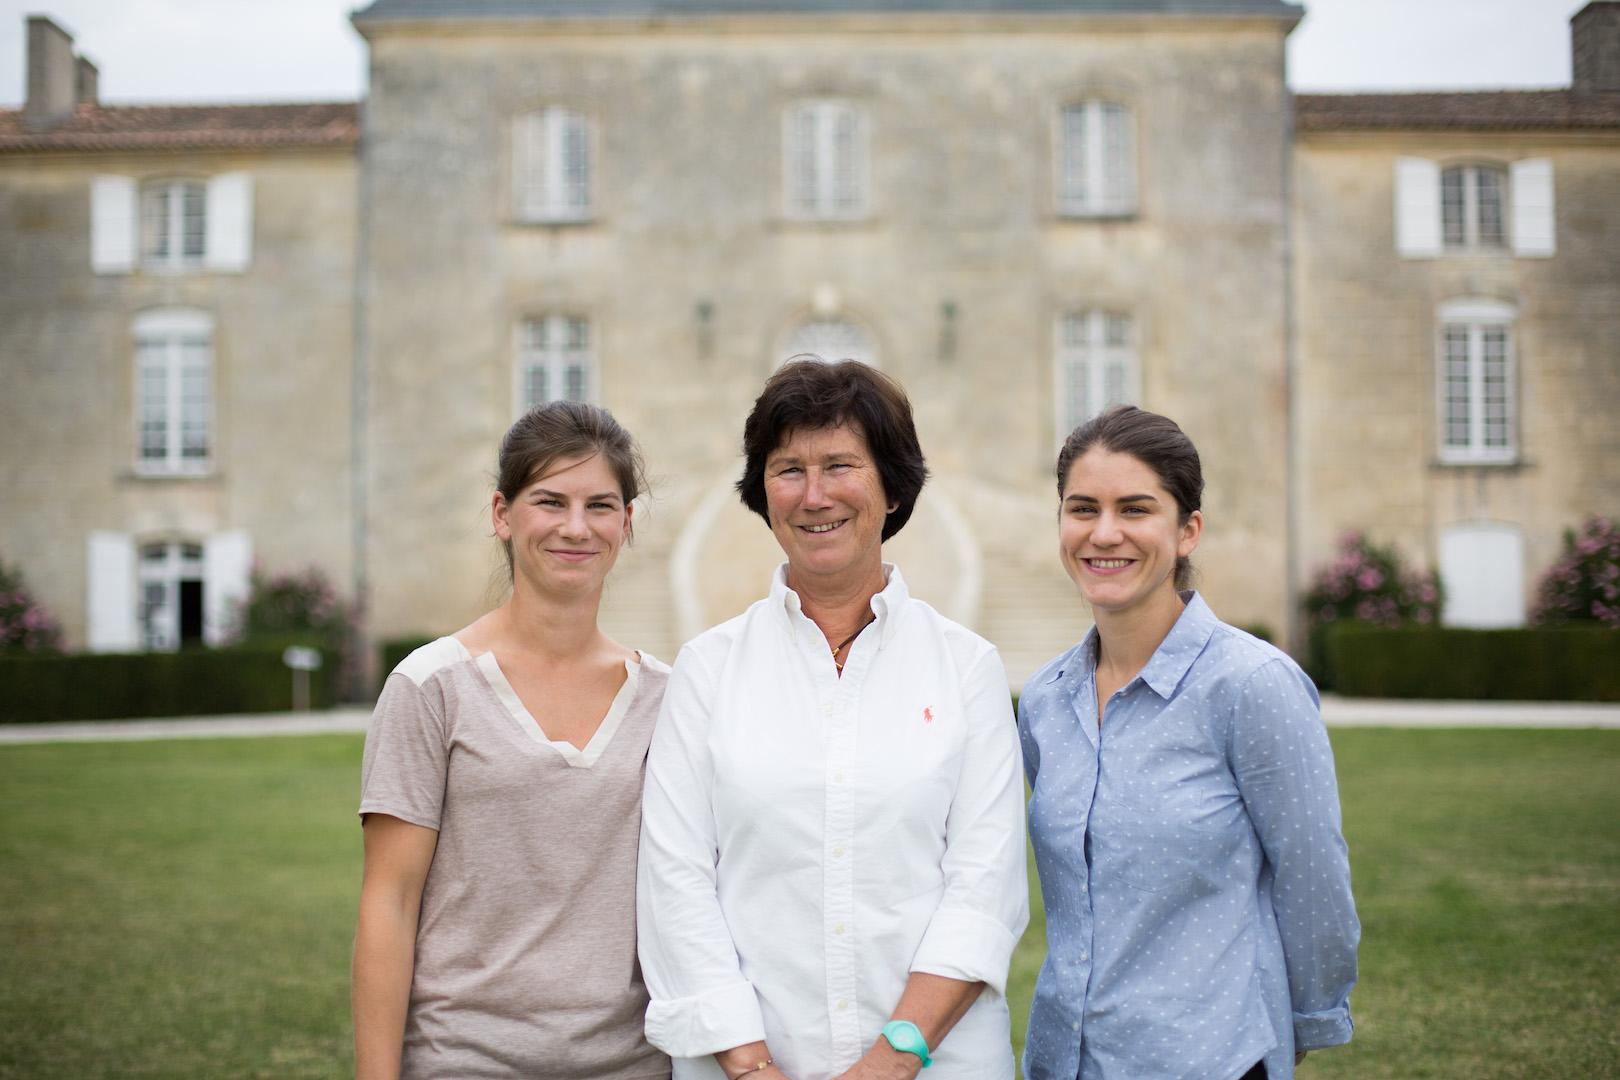 chateau-des-arras-three-women-making-merlot-bordeaux-superieur-red-wine